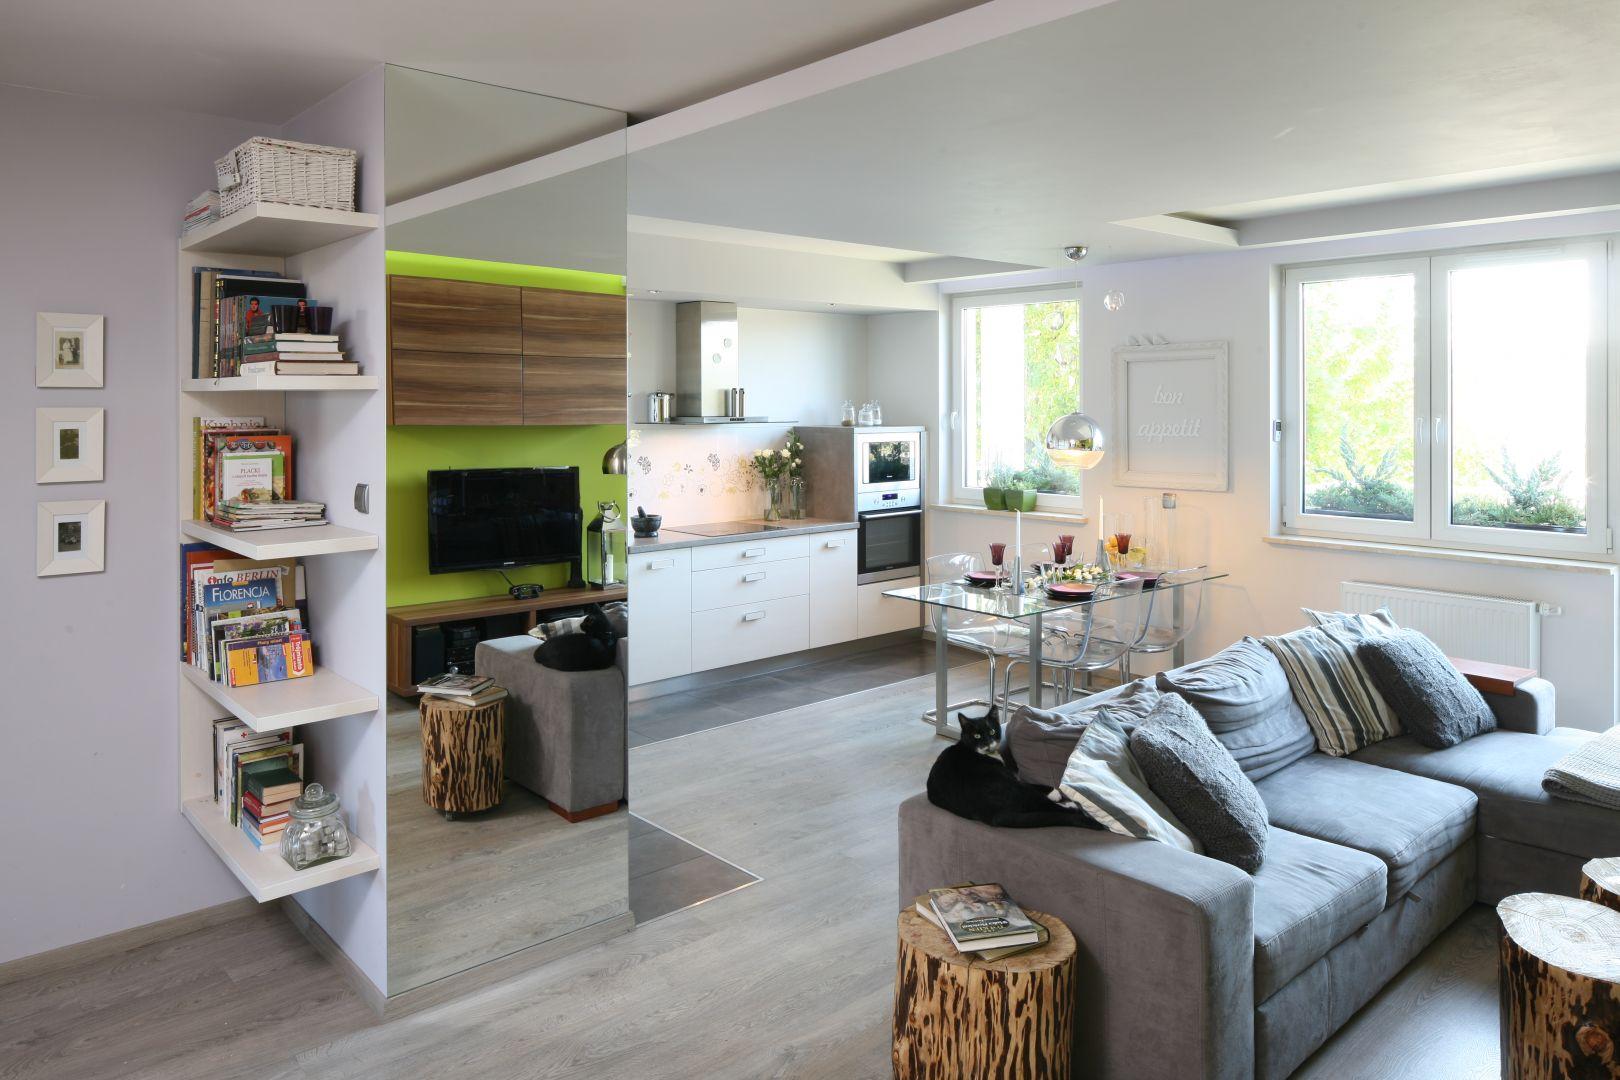 W małym pomieszczeniu warto stosować lustra. Naturalnie powiększają one powierzchnię. Lustro sprawdzi się w salonie, ale można je powiesić również w kuchni. Projekt: Arkadiusz Grzędzicki. Fot. Bartosz Jarosz